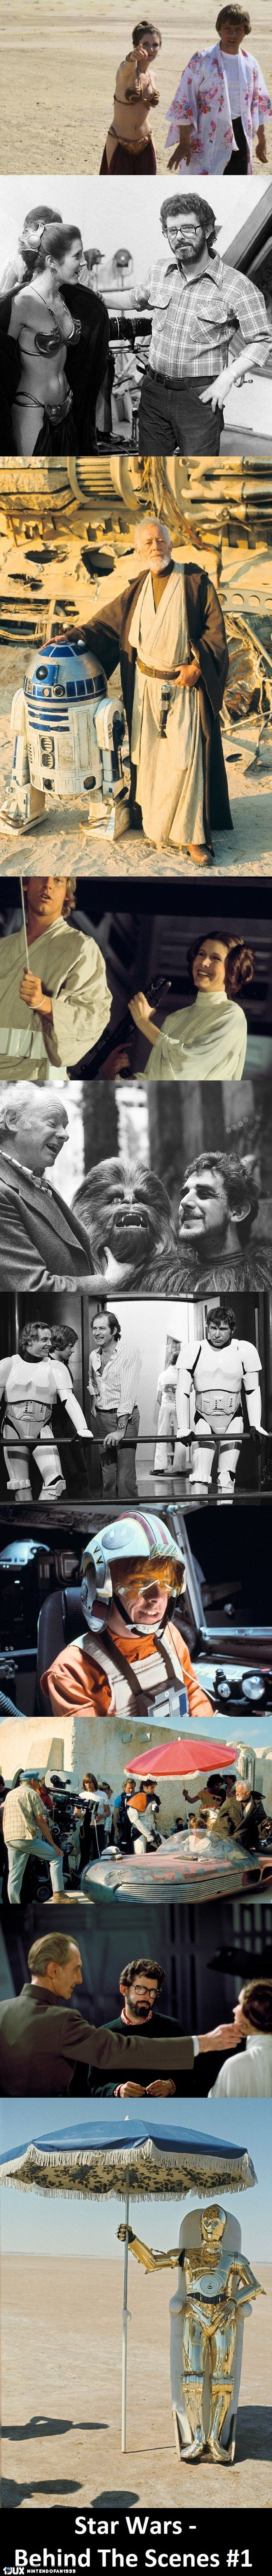 Star Wars Behind The Scenes #1